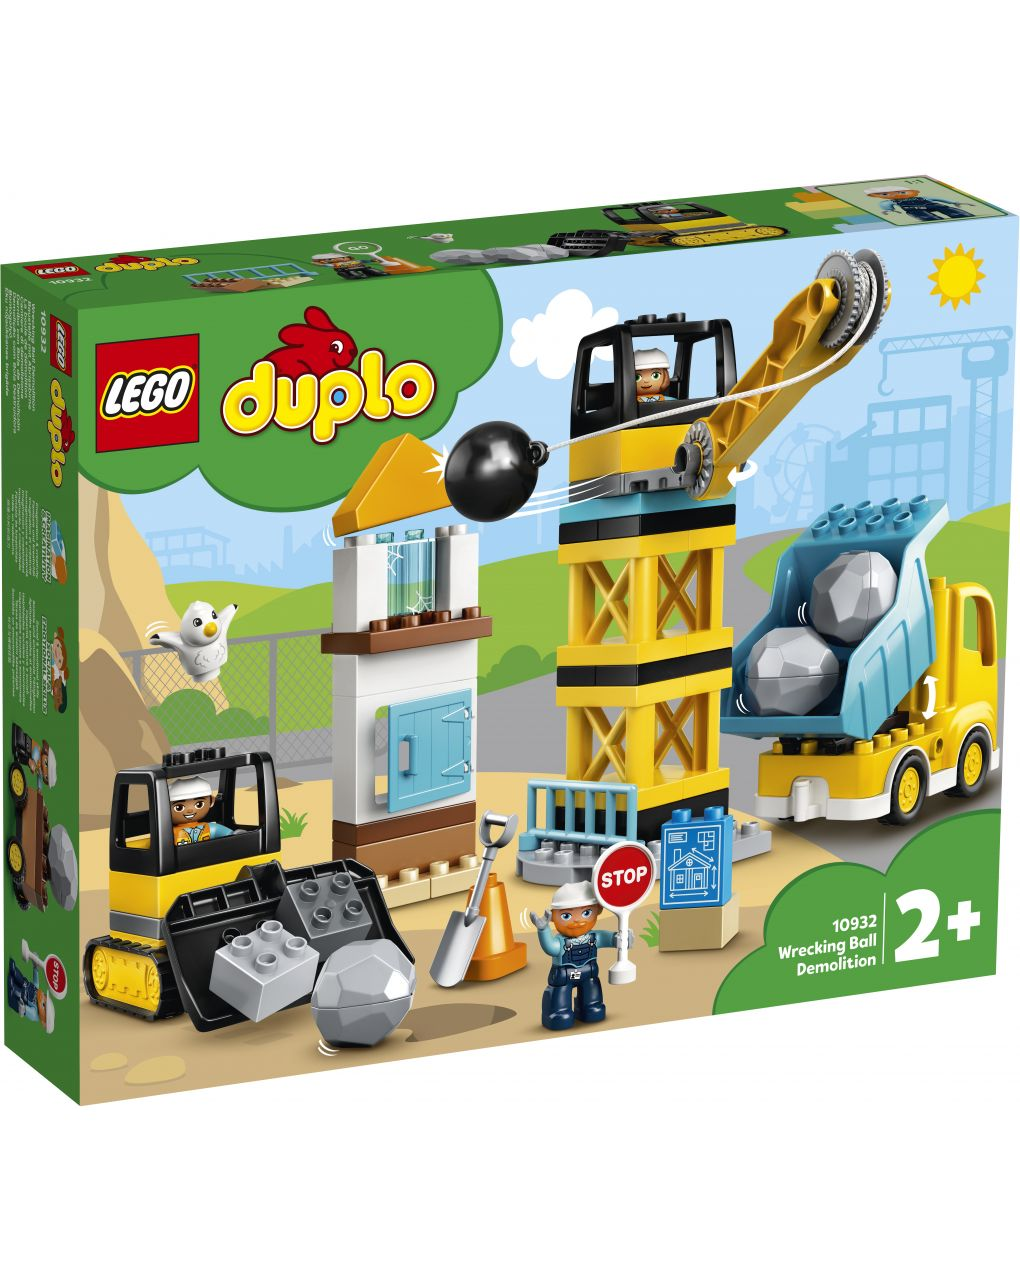 Duplo - local de demolição - 10932 - LEGO Duplo